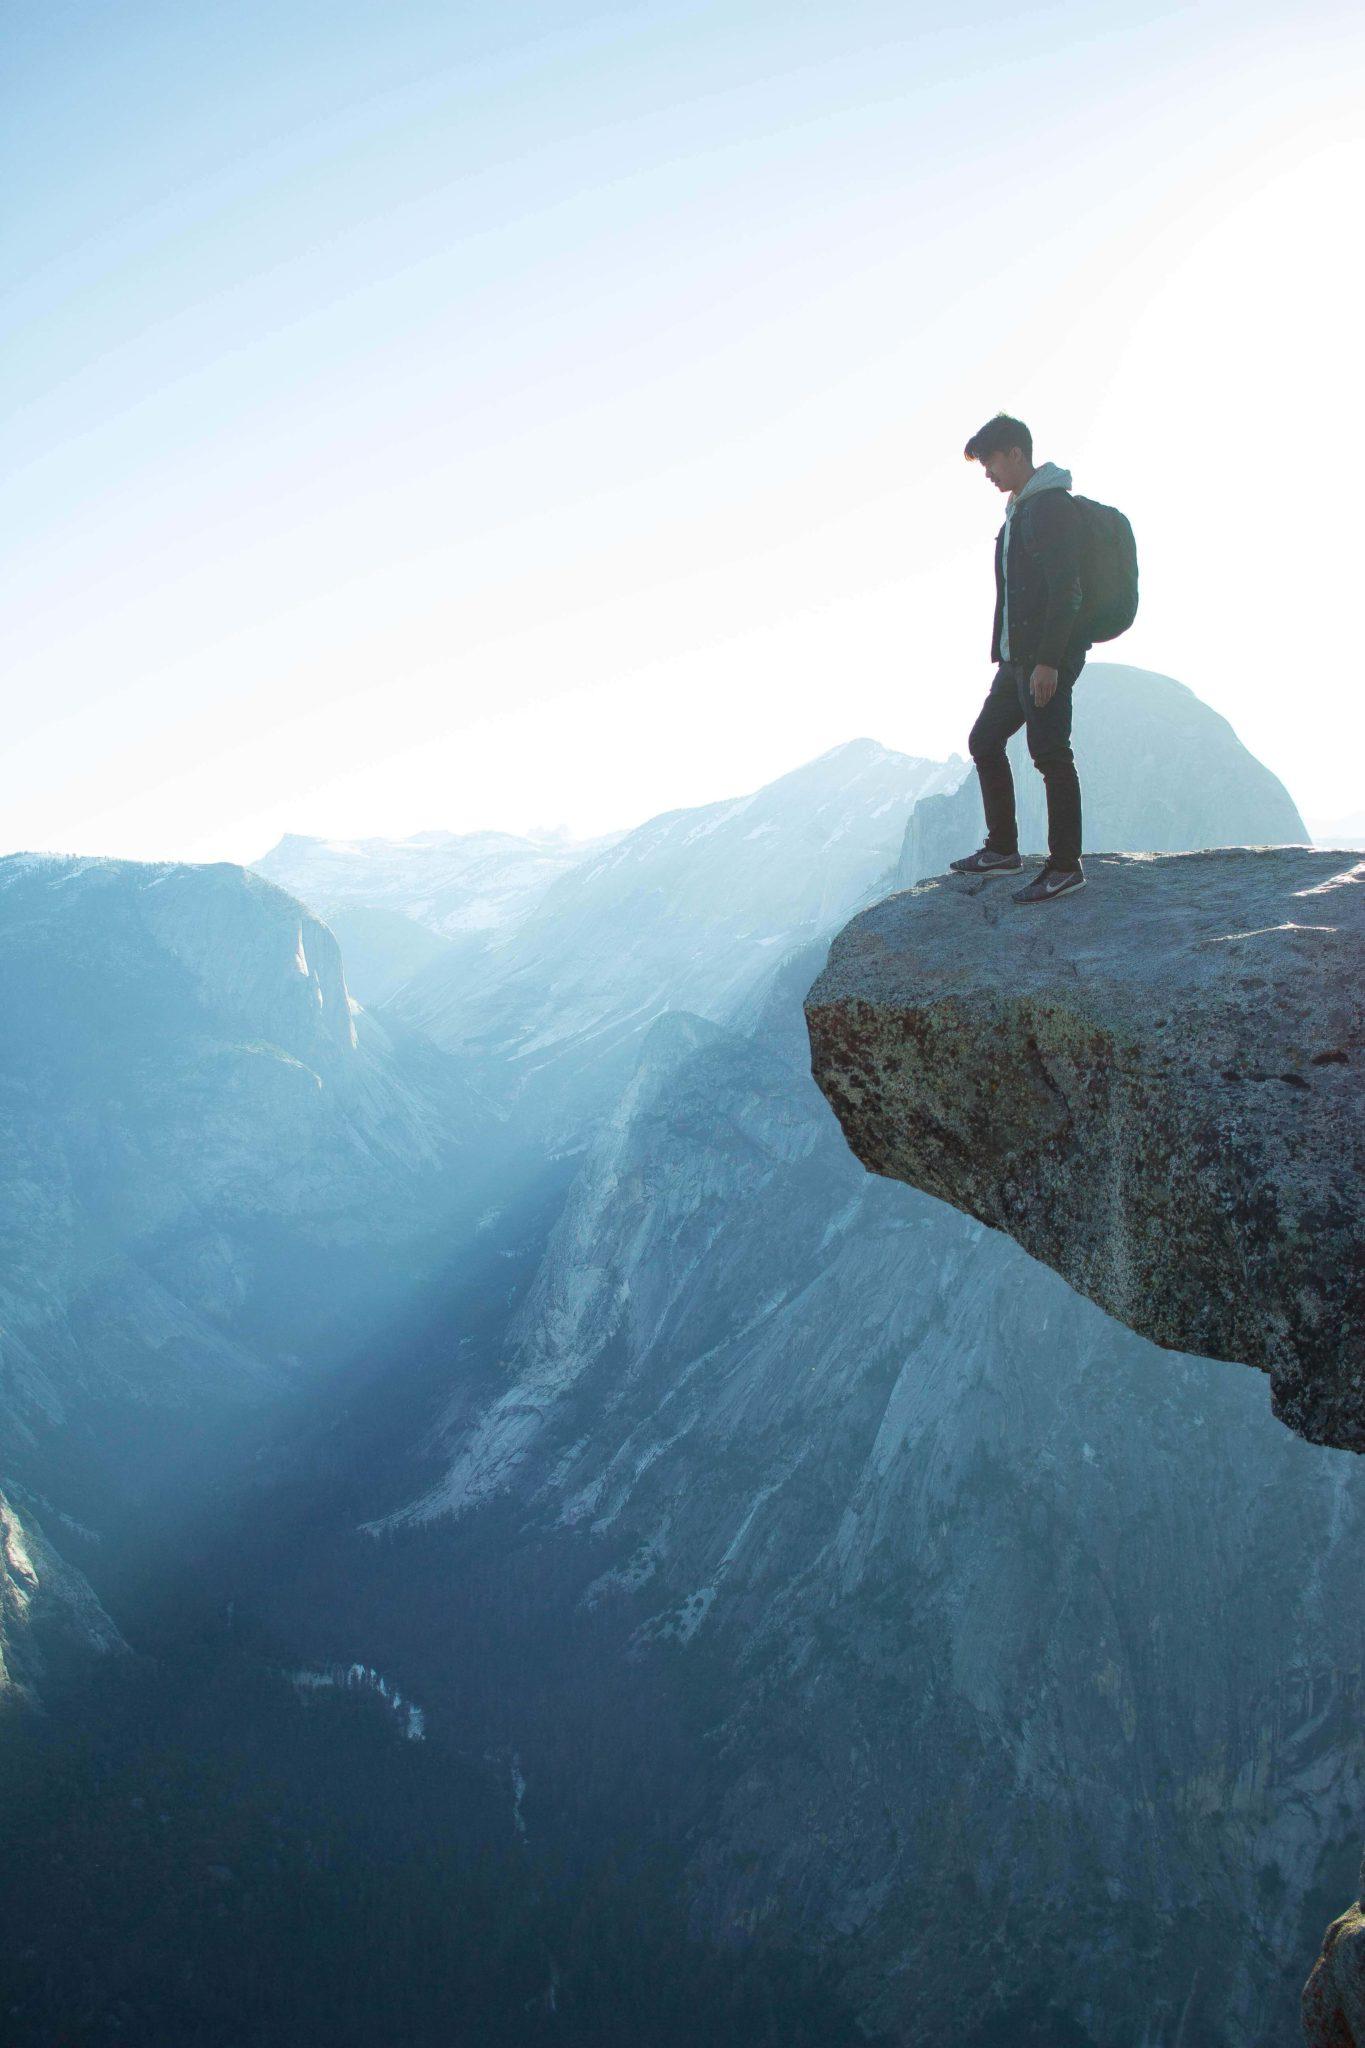 podroż, odwaga, samotność, jak żyć w zgodzie ze sobą, odważne życie, zmiana życia, podejmowanie decyzji